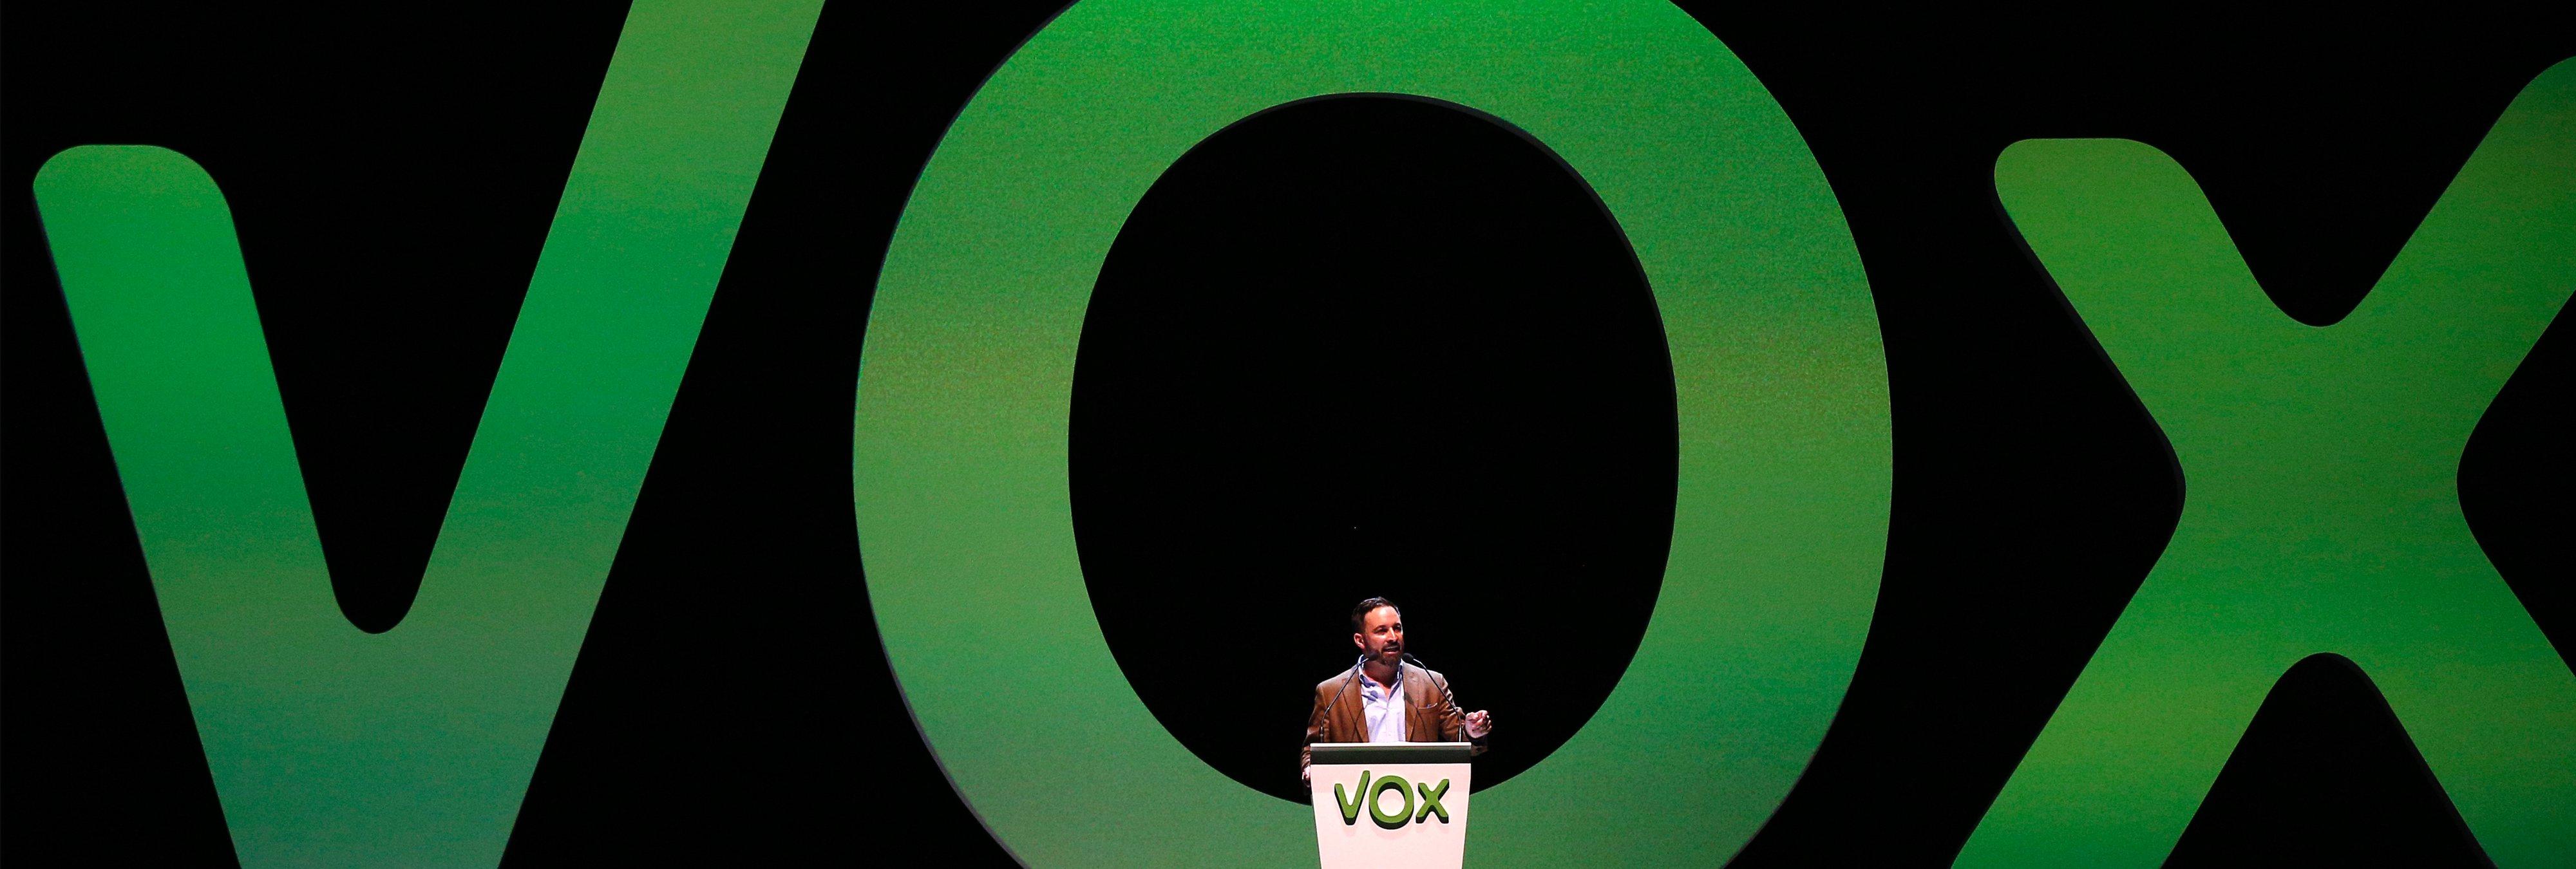 """Juan E. Pflüger, responsable de comunicación de VOX: """"Lo de los gays no es amor, es vicio"""""""